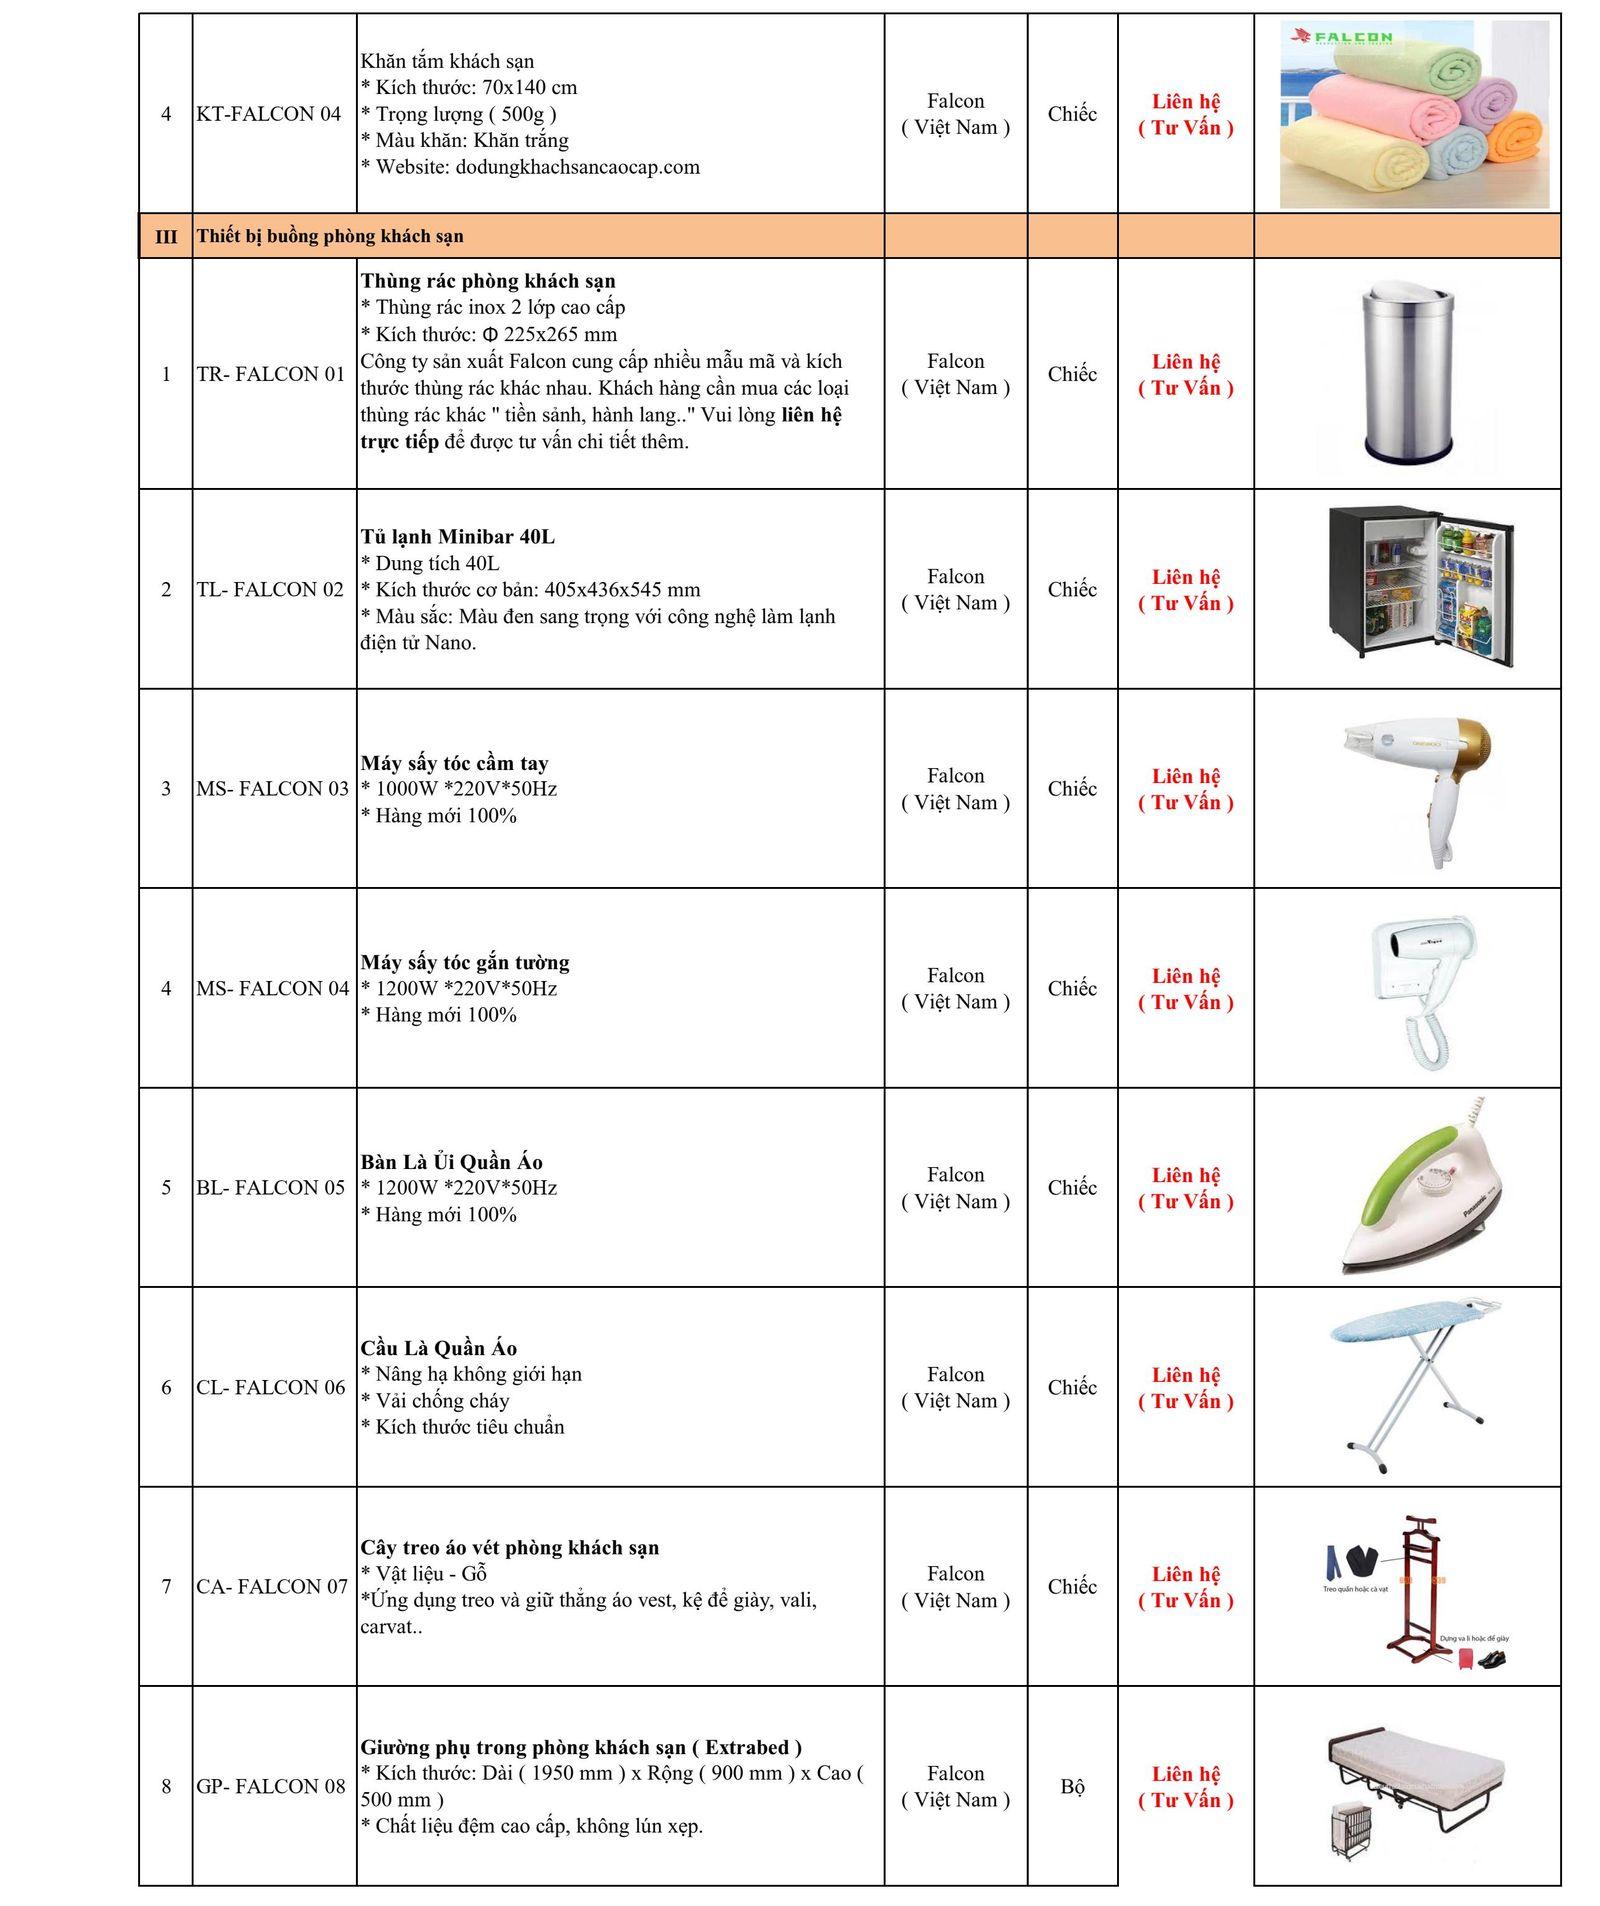 Bảng báo giá thiết bị đồ dùng khách sạn nhà nghỉ cao cấp Falcon